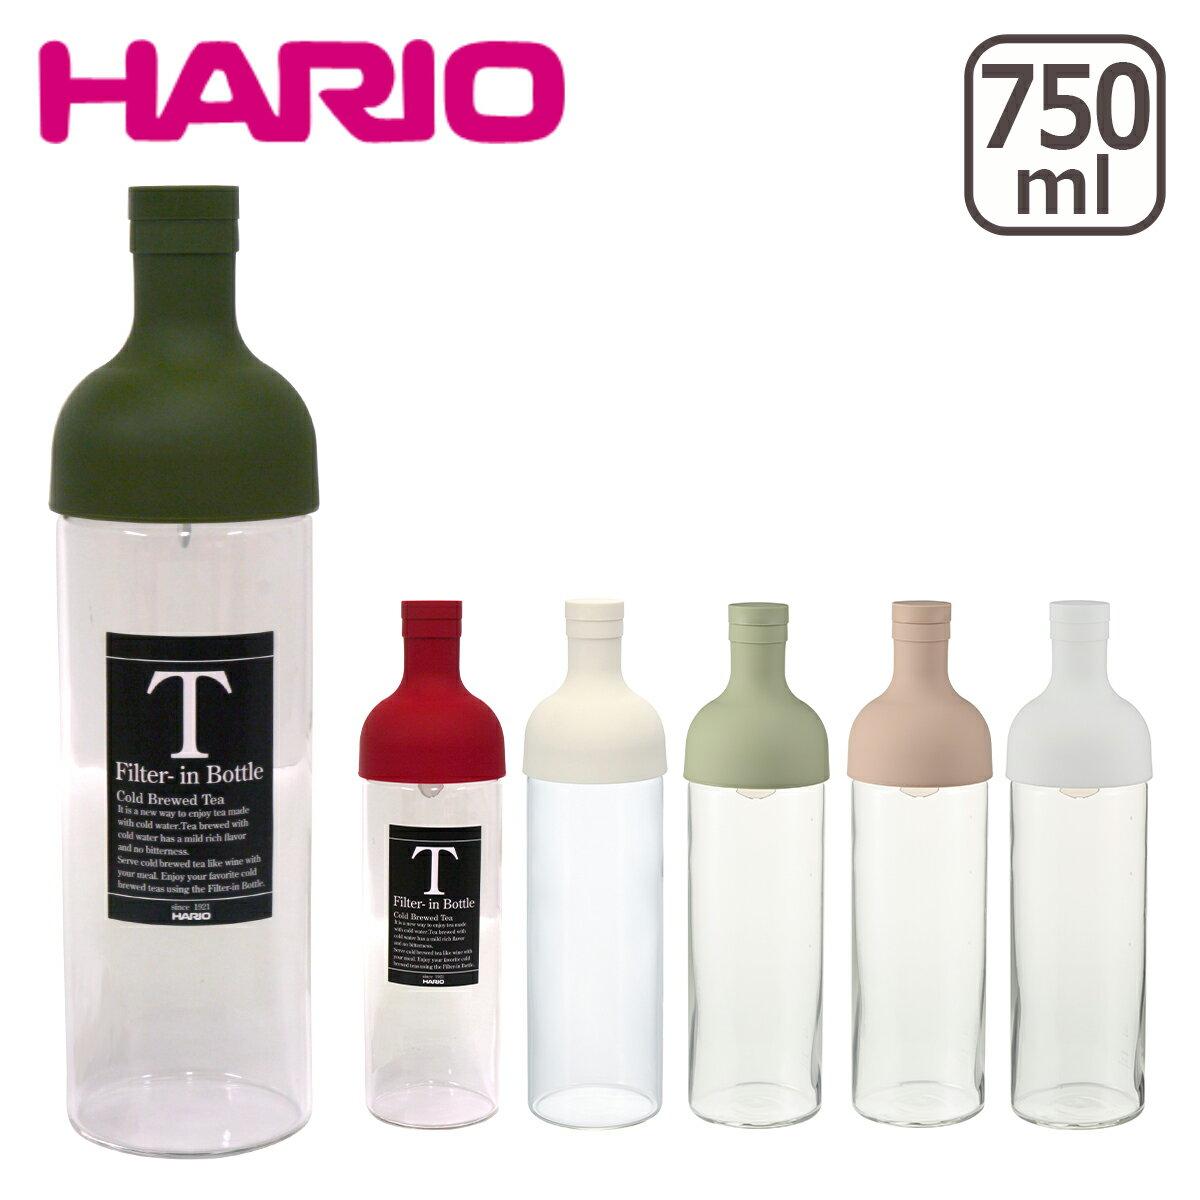 HARIO(ハリオ)フィルターインボトル 750ml 水出し お茶ボトル 選べるカラー ギフト・のし可